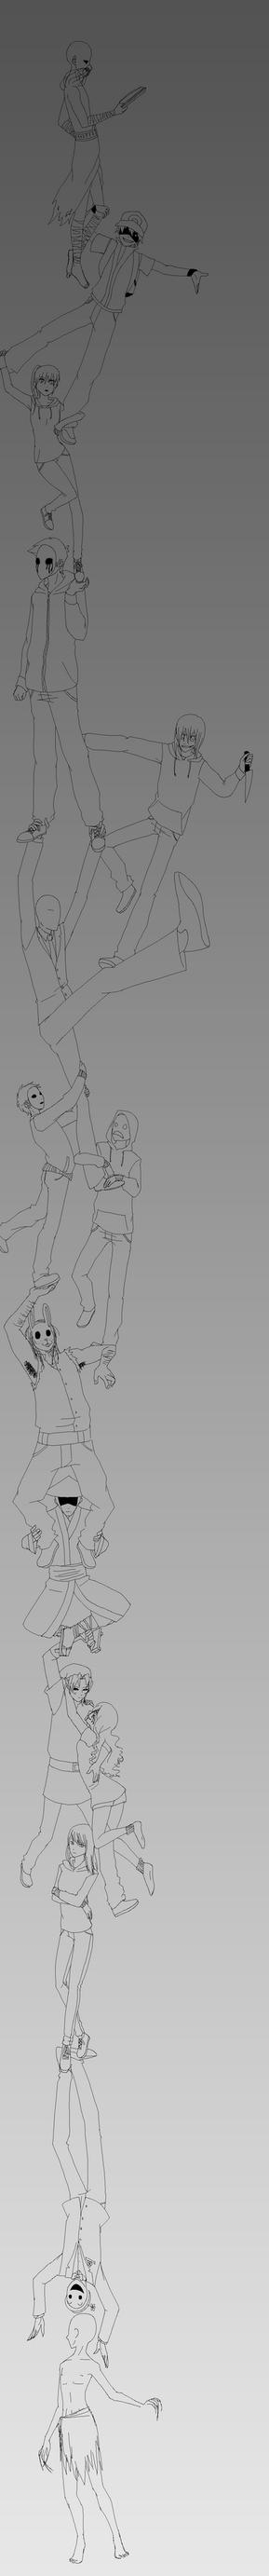 Durarara CreepyPasta Crossover by Kiki-Hyuga